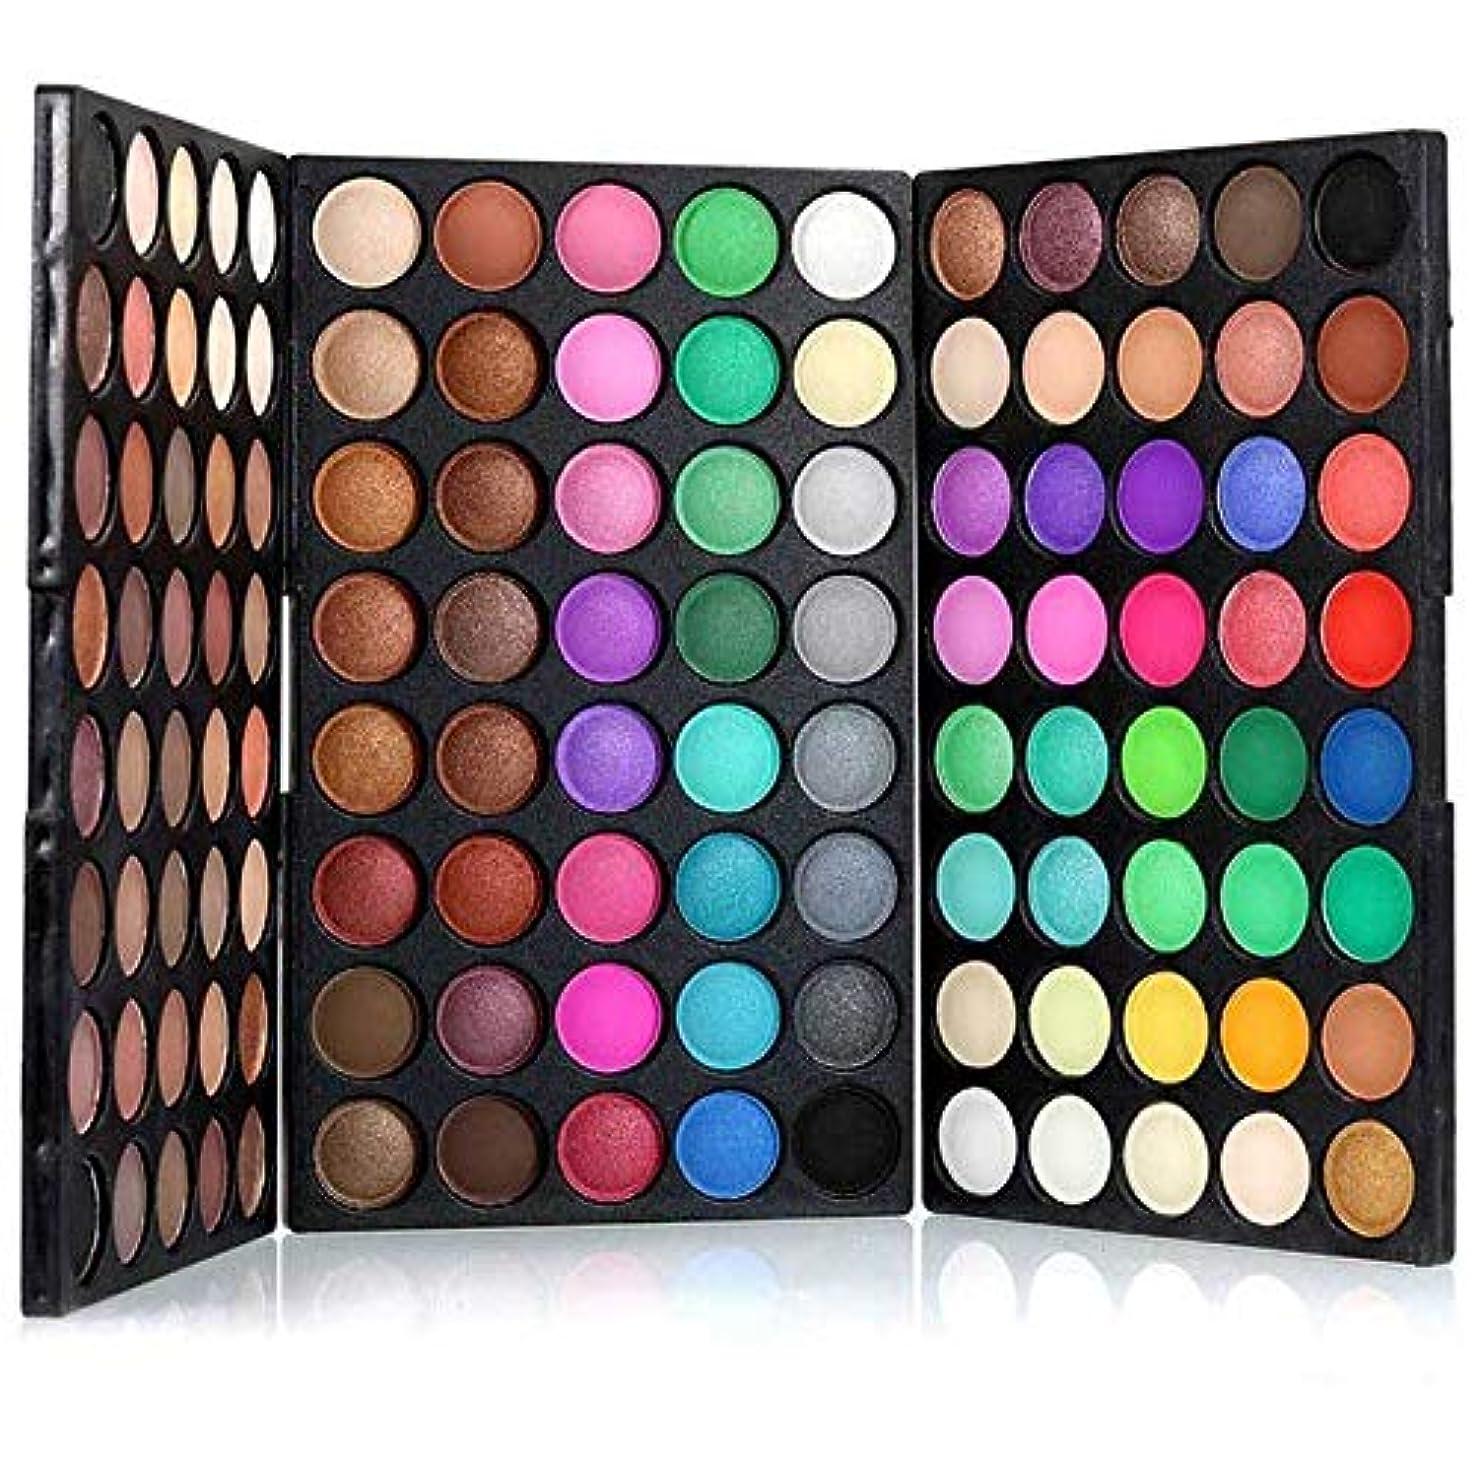 補う平和なバケツFidgetGear 120色化粧品アイシャドウメイクアップパレットアイシャドウマットシマーミラー